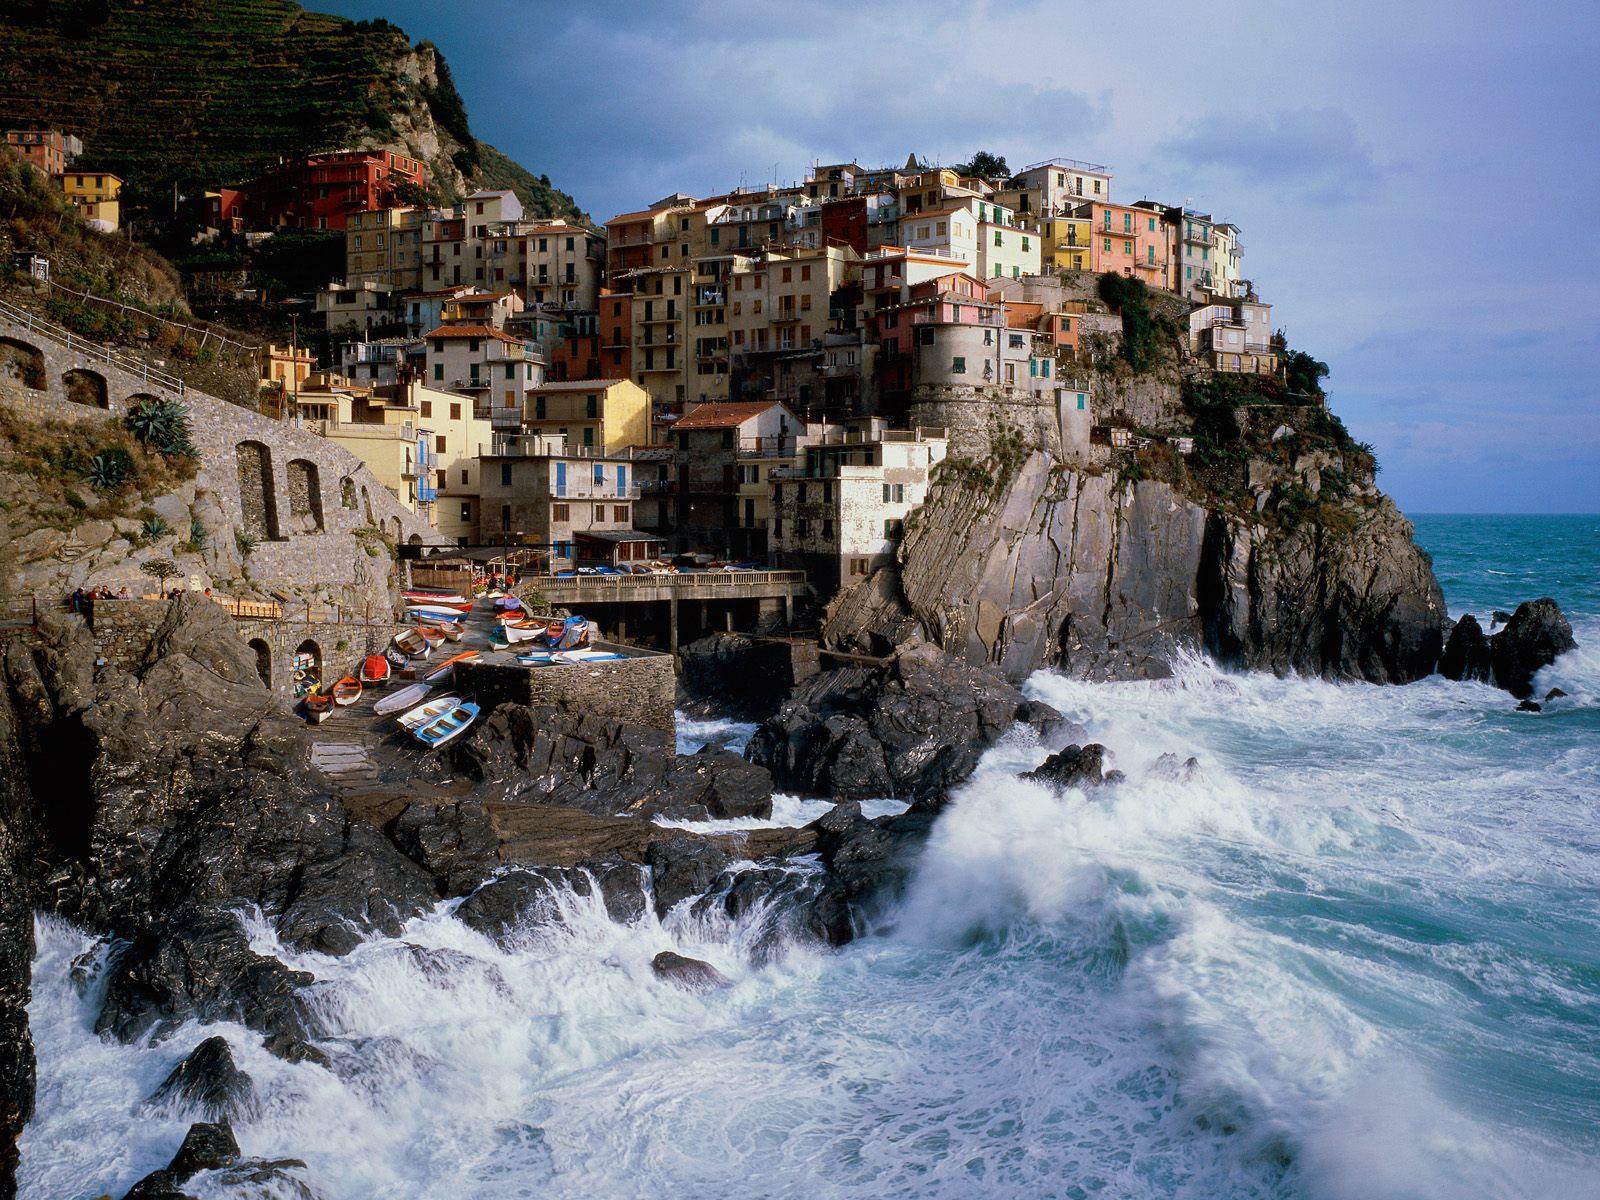 http://1.bp.blogspot.com/-5U4sZ6bt6eo/Tcp4GZhkHmI/AAAAAAAACXU/Pjz9YZvUqLo/s1600/Manarola%252C+Italy.jpg